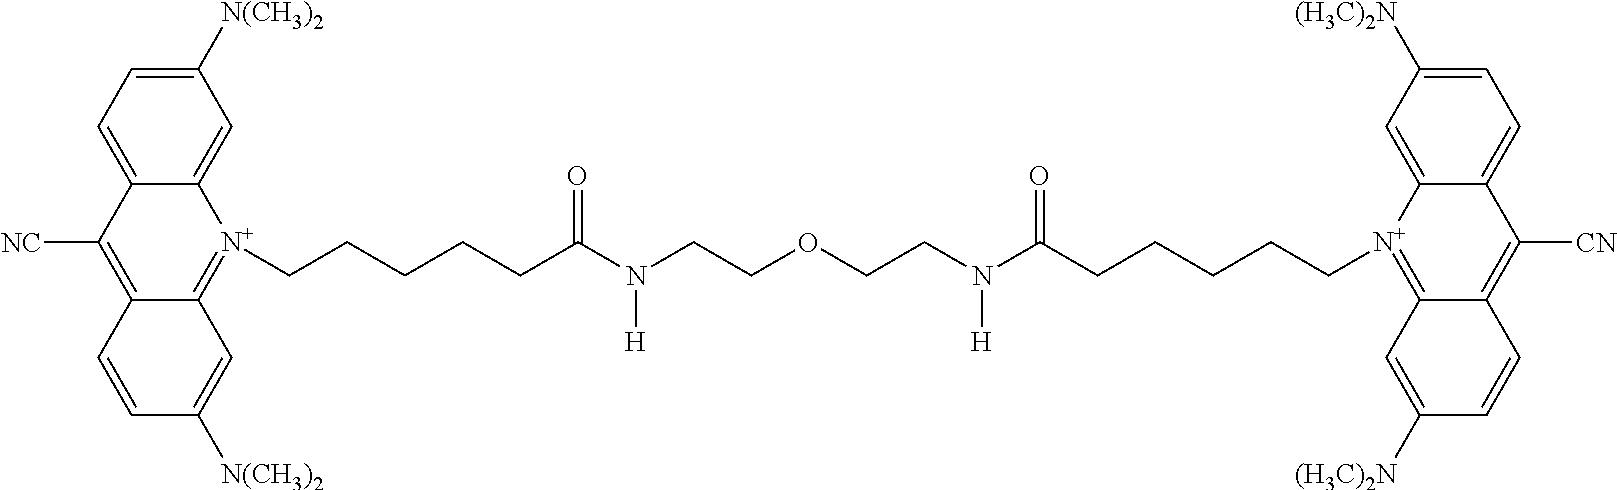 Figure US08877437-20141104-C00037